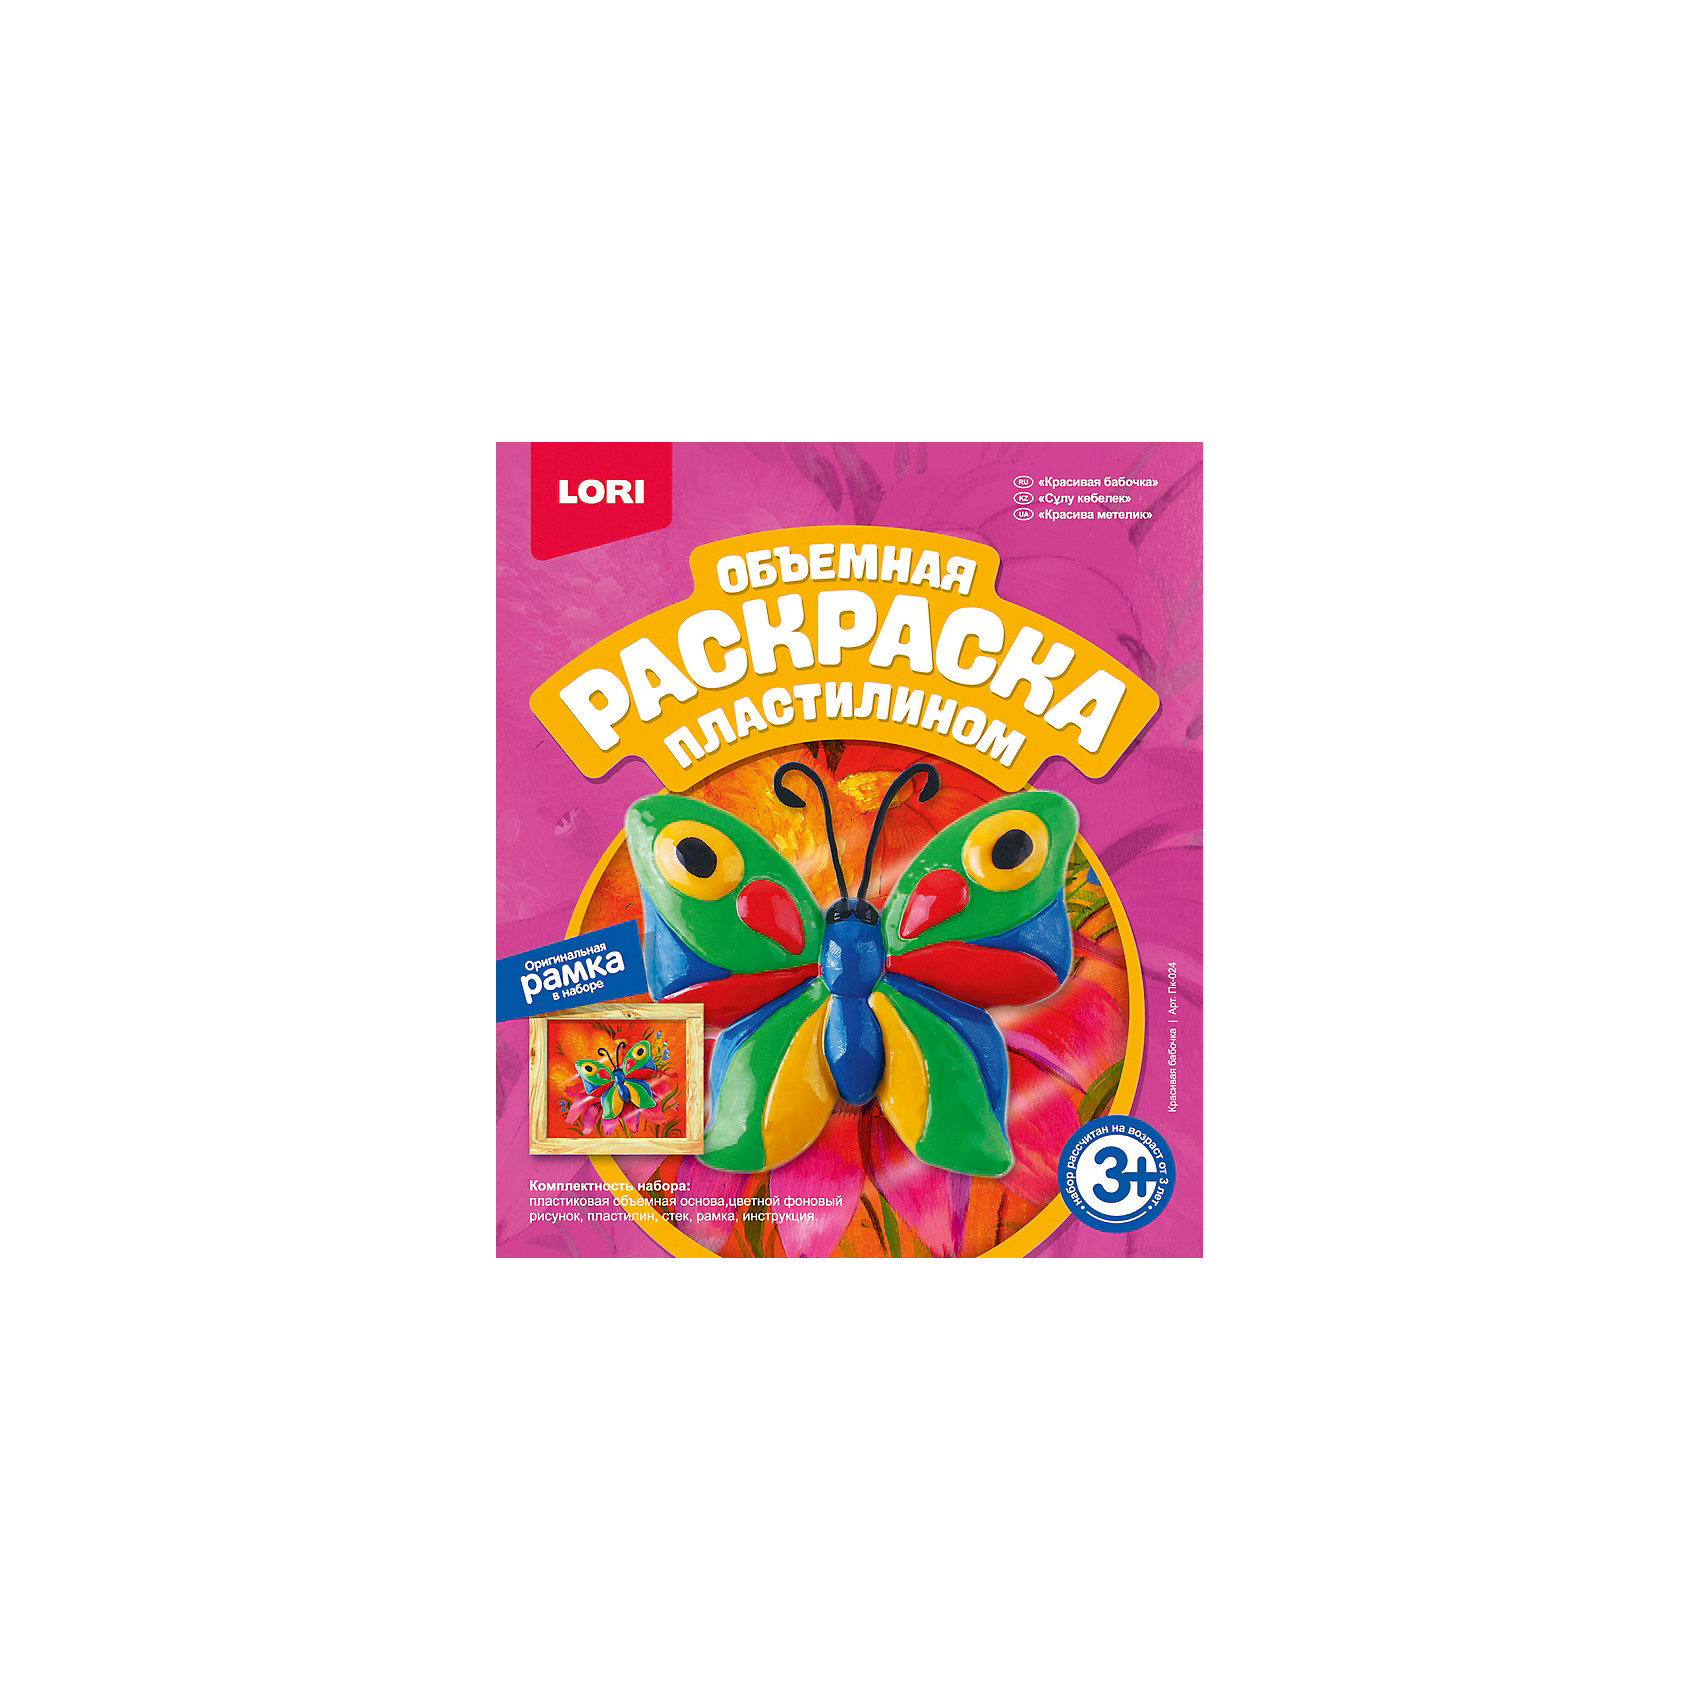 Раскраска пластилином объемная Красивая бабочка, LORIЛепка<br>Если Вы и Ваш ребенок любите проводить время вмести и учиться чему-то новому, то объемная раскраска пластилином Красивая бабочкаот LORI (ЛОРИ) - это то, что Вы искали. С ее помощью Вы научите ребенка не только различать цвета, но и создавать настоящие объемные картины из пластилина. Техника очень простая, поэтому набор подойдет для самых маленьких любителей лепки. Ребенка обязательно привлечет яркая картинка, с изображением симпатичной бабочки. Приклеивая кусочек за кусочком на объемную пластиковую основу ребенок увидит, как картинка будто оживает у него на глазах! Малыш обязательно влюбится в это увлекательное занятие! Покажите ребенку, как создается картинка на одном фрагменте и вскоре он будет увлеченно подбирать цвета и приклеивать кусочки пластилина самостоятельно. По окончании работы, Вы сможете смастерить рамку и повесить замечательную картинку на видное место! Занятие с увлекательной объемной раскраской Красивая бабочка от LORI (ЛОРИ) способствует развитию мелкой моторики, мышления и воображения детей. <br><br>Дополнительная информация:<br><br>- Способствует развитию моторики, мышления, воображения;<br>- В комплекте: объемная основа, цветной фоновый рисунок, пластилин, стек, рамка, инструкция;<br>- Оригинальная объемная раскраска;<br>- Отлично подойдет малышам;<br>- Прекрасный подарок;<br>- В наборе оригинальная рамка;<br>- Размер упаковки: 20 х 23 х 4 см;<br>- Вес: 260 г<br><br>Раскраску пластилином объемную Красивая бабочка, LORI (ЛОРИ) можно купить в нашем интернет-магазине.<br><br>Ширина мм: 200<br>Глубина мм: 230<br>Высота мм: 40<br>Вес г: 260<br>Возраст от месяцев: 36<br>Возраст до месяцев: 72<br>Пол: Женский<br>Возраст: Детский<br>SKU: 4073083